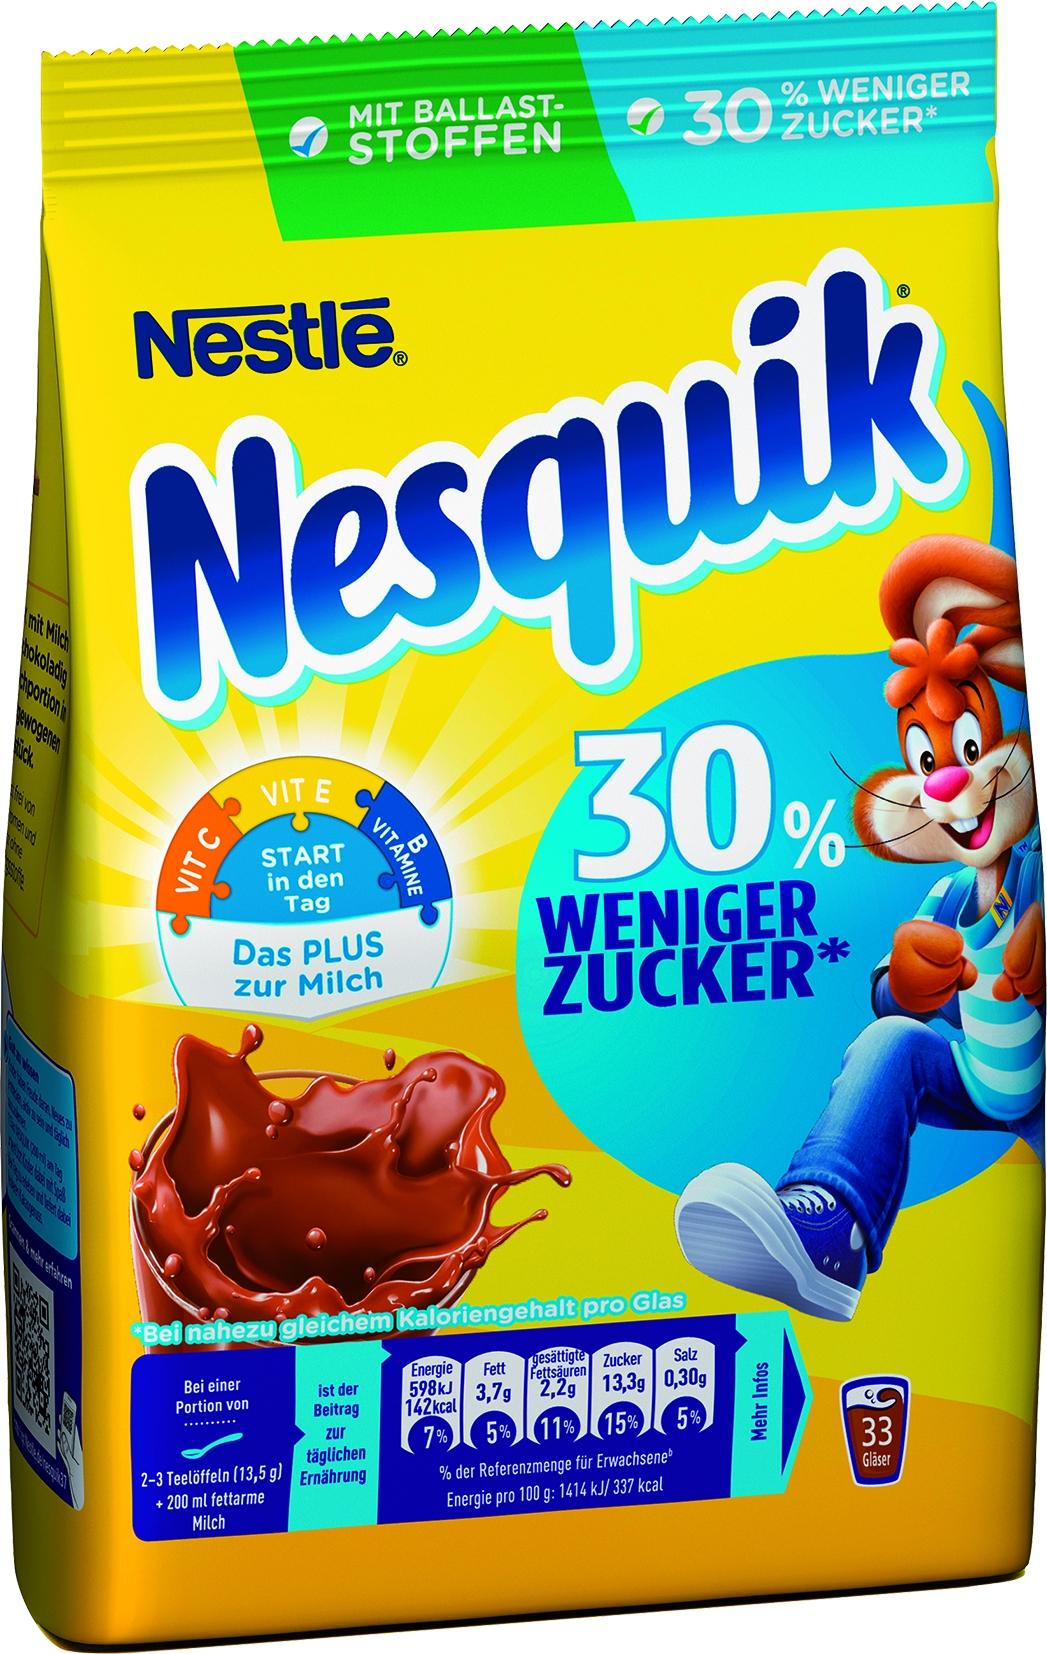 Kakaopulver Zuckerreduziert NF-Beutel